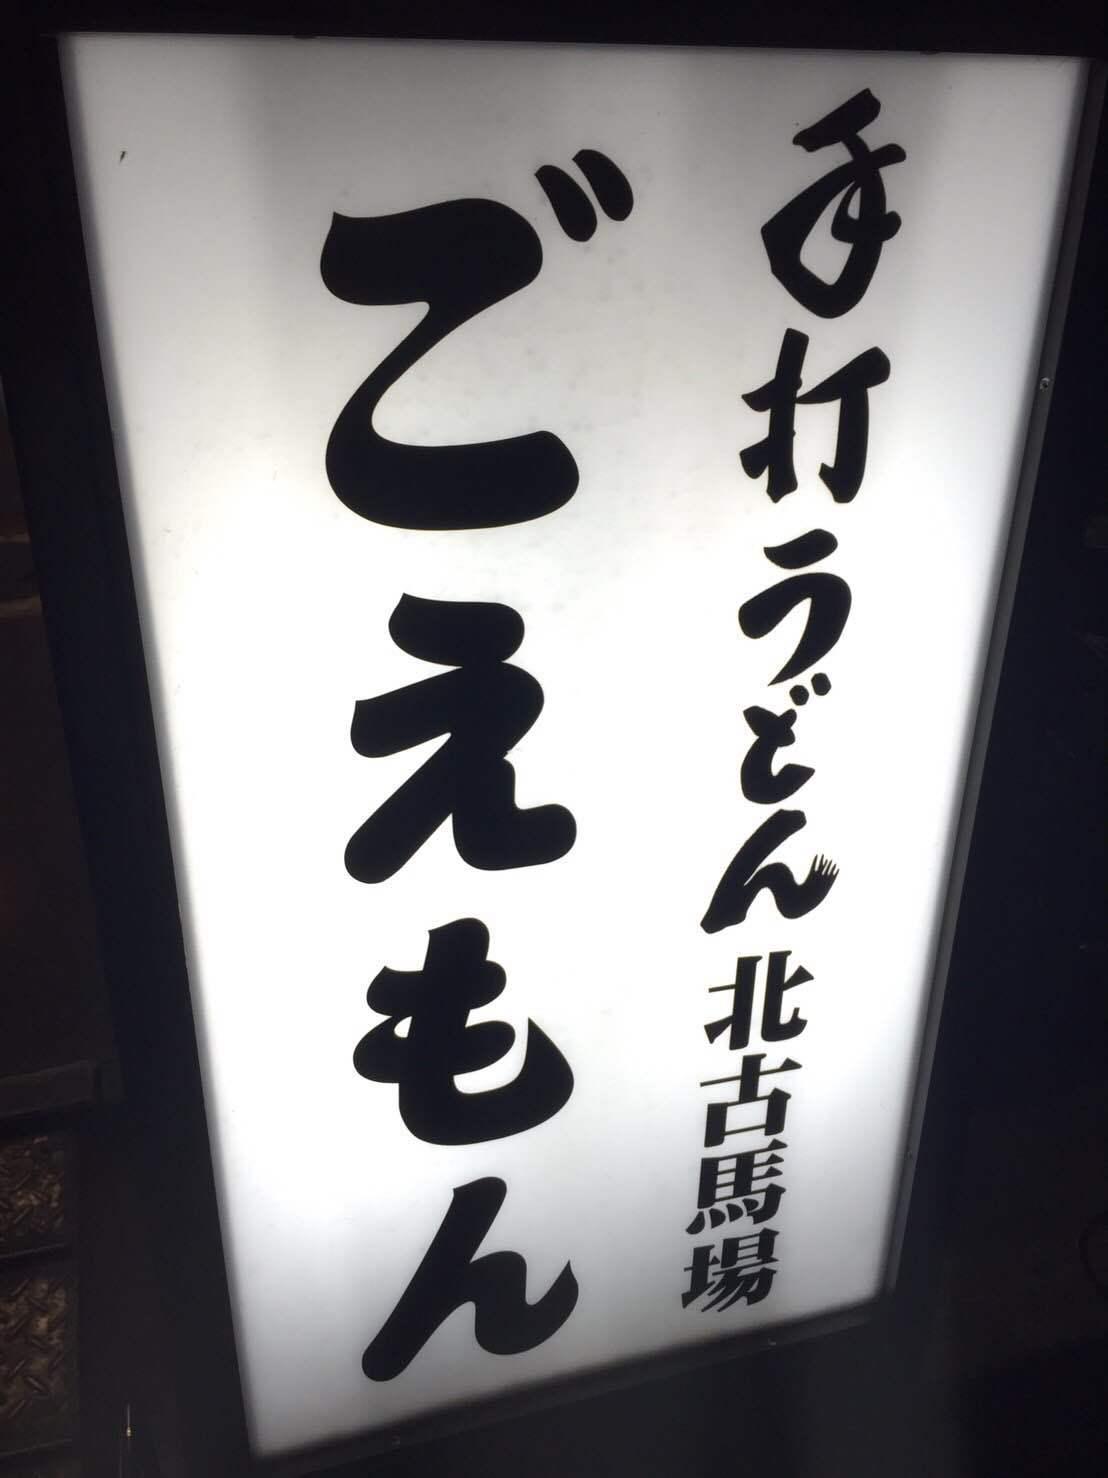 むすれぽ/香川